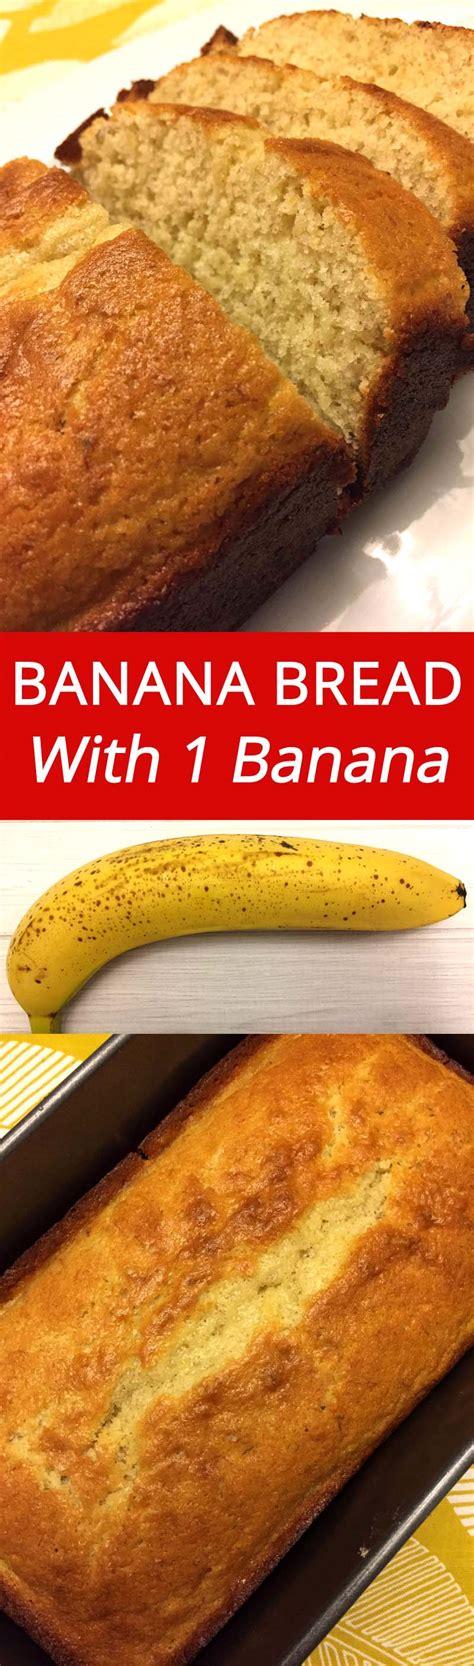 banana bread recipe   banana melanie cooks